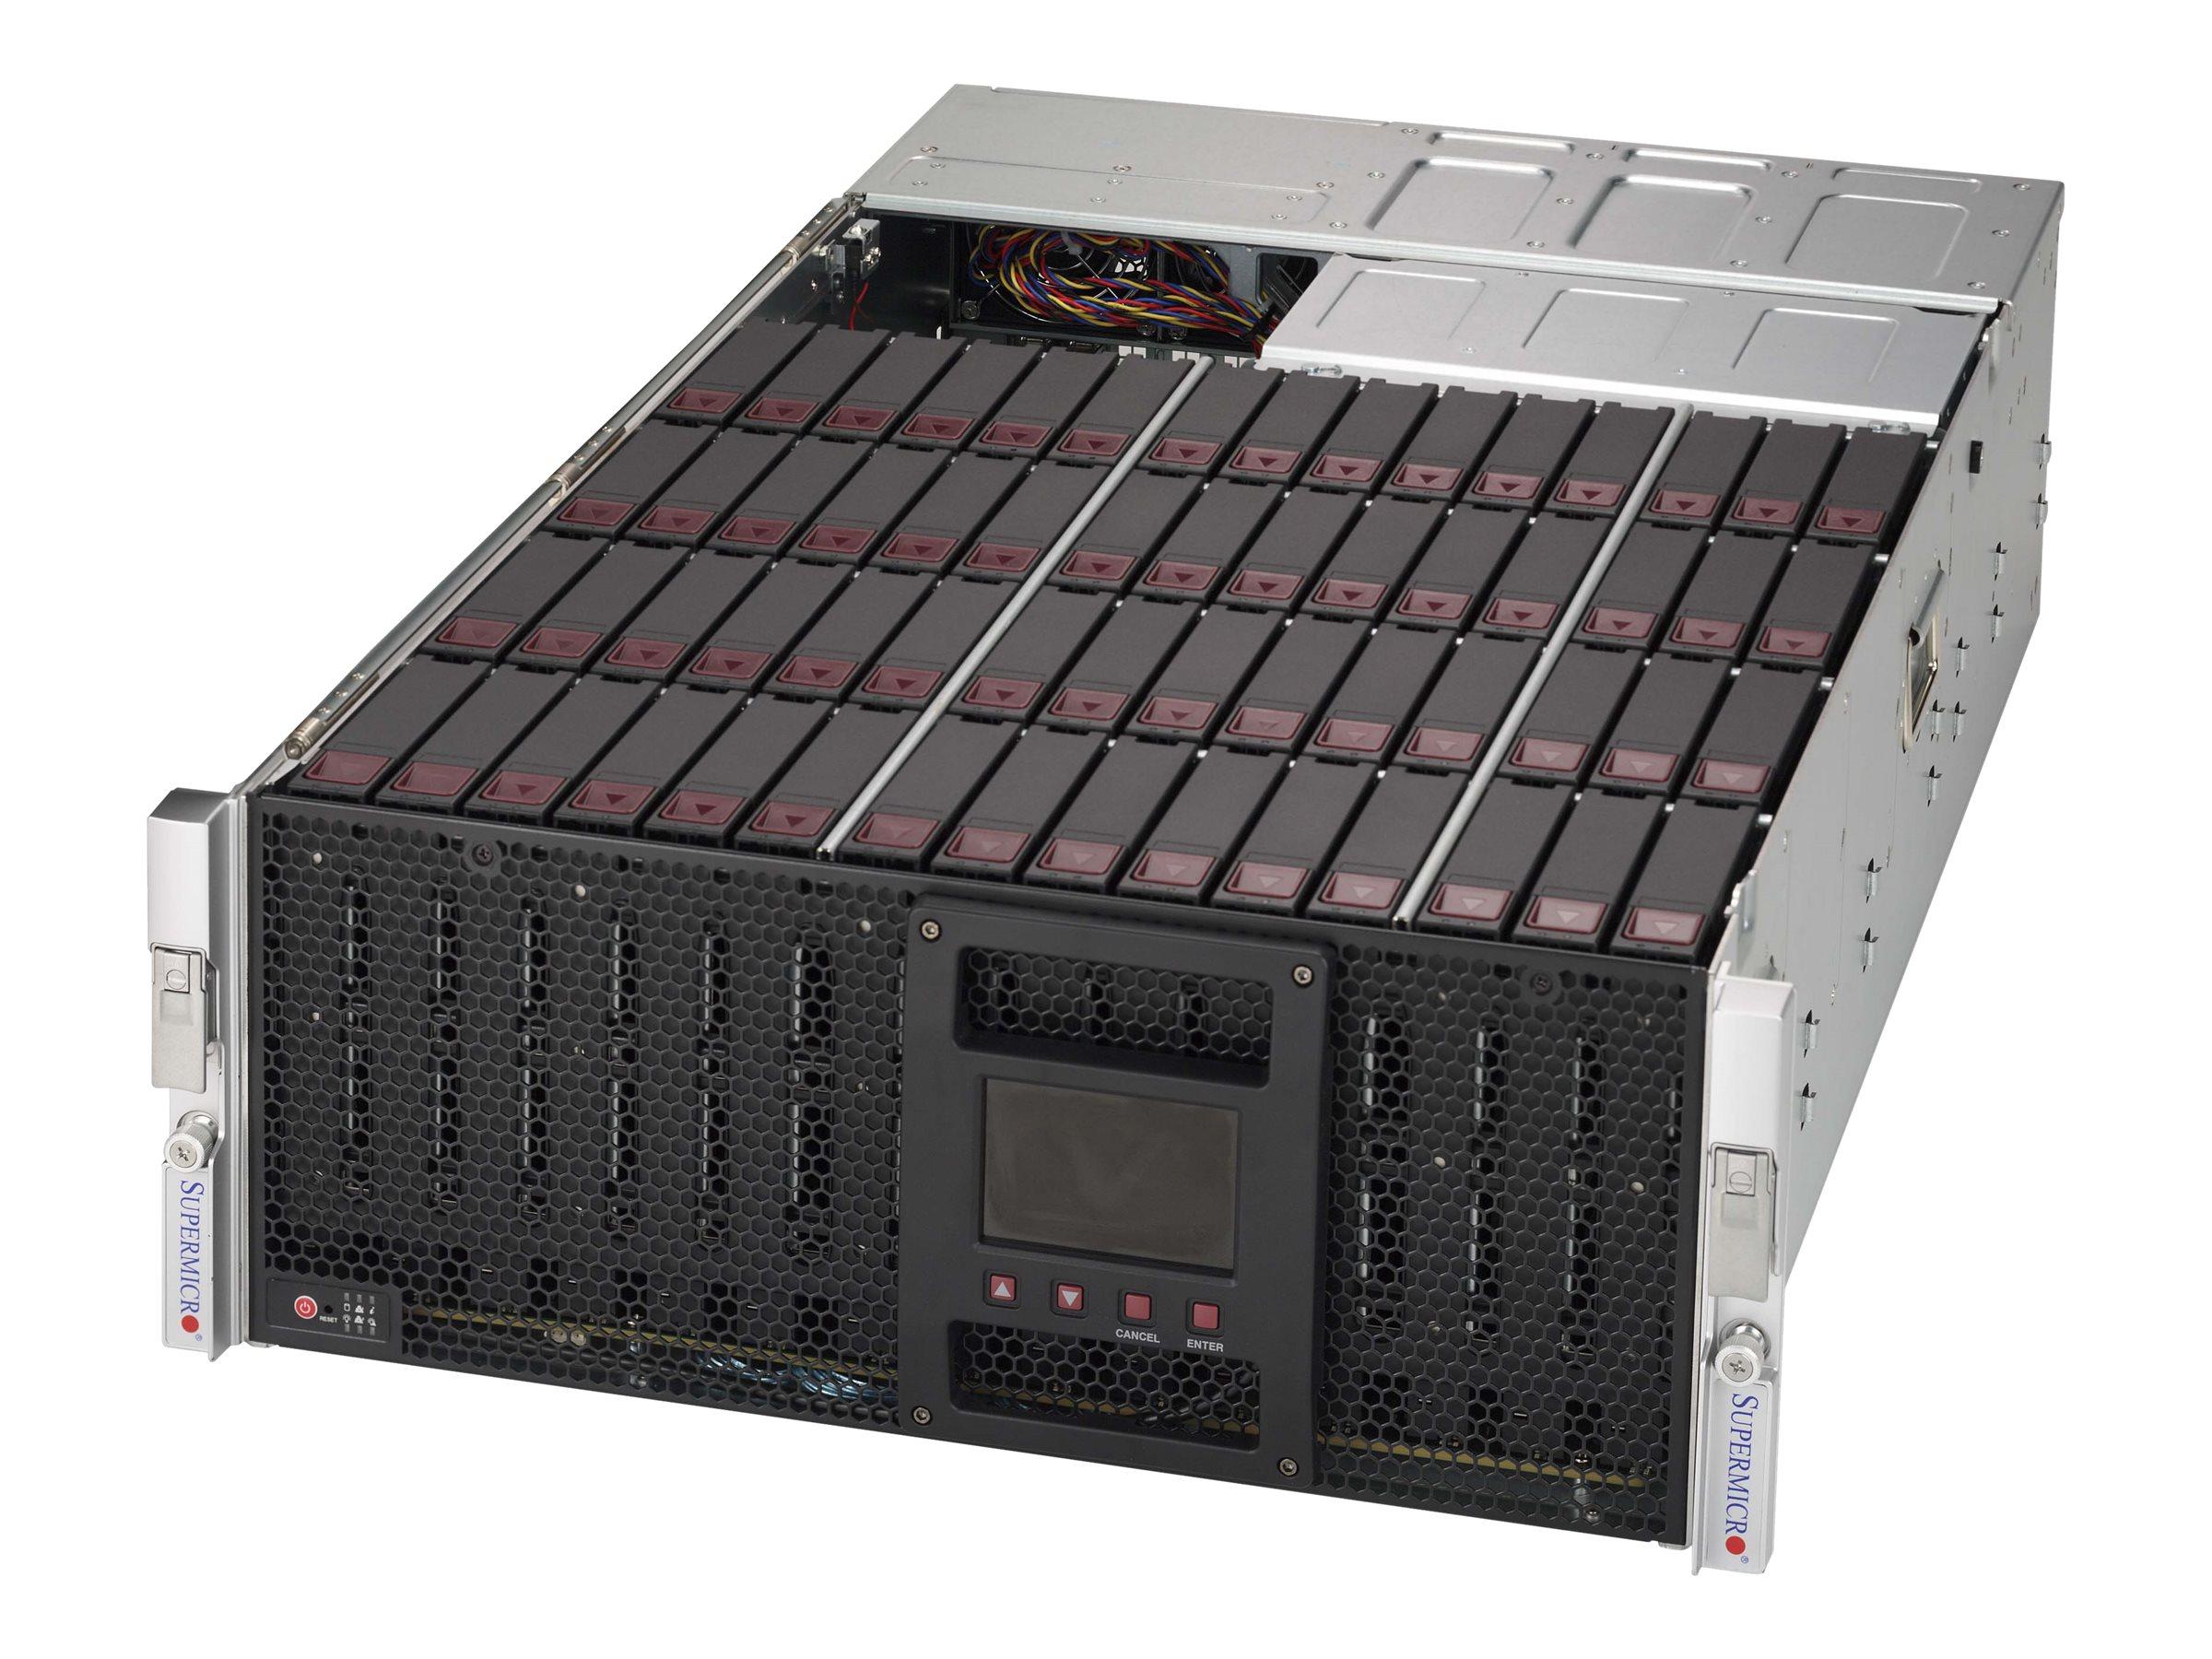 Supermicro SC946 SE1C-R1K66JBOD - Speichergehäuse - 60 Schächte (SATA-600 / SAS-3) - Rack - einbaufähig - 4U